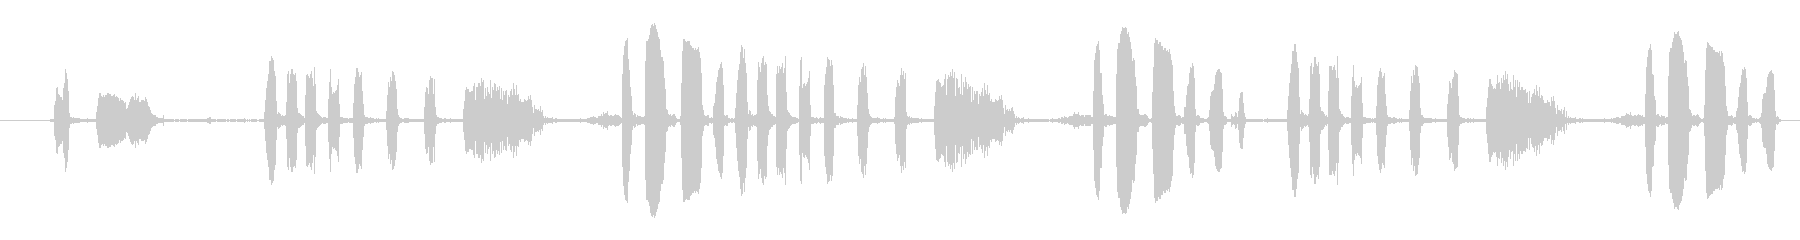 クレイジーピエロラフターの未再生の波形